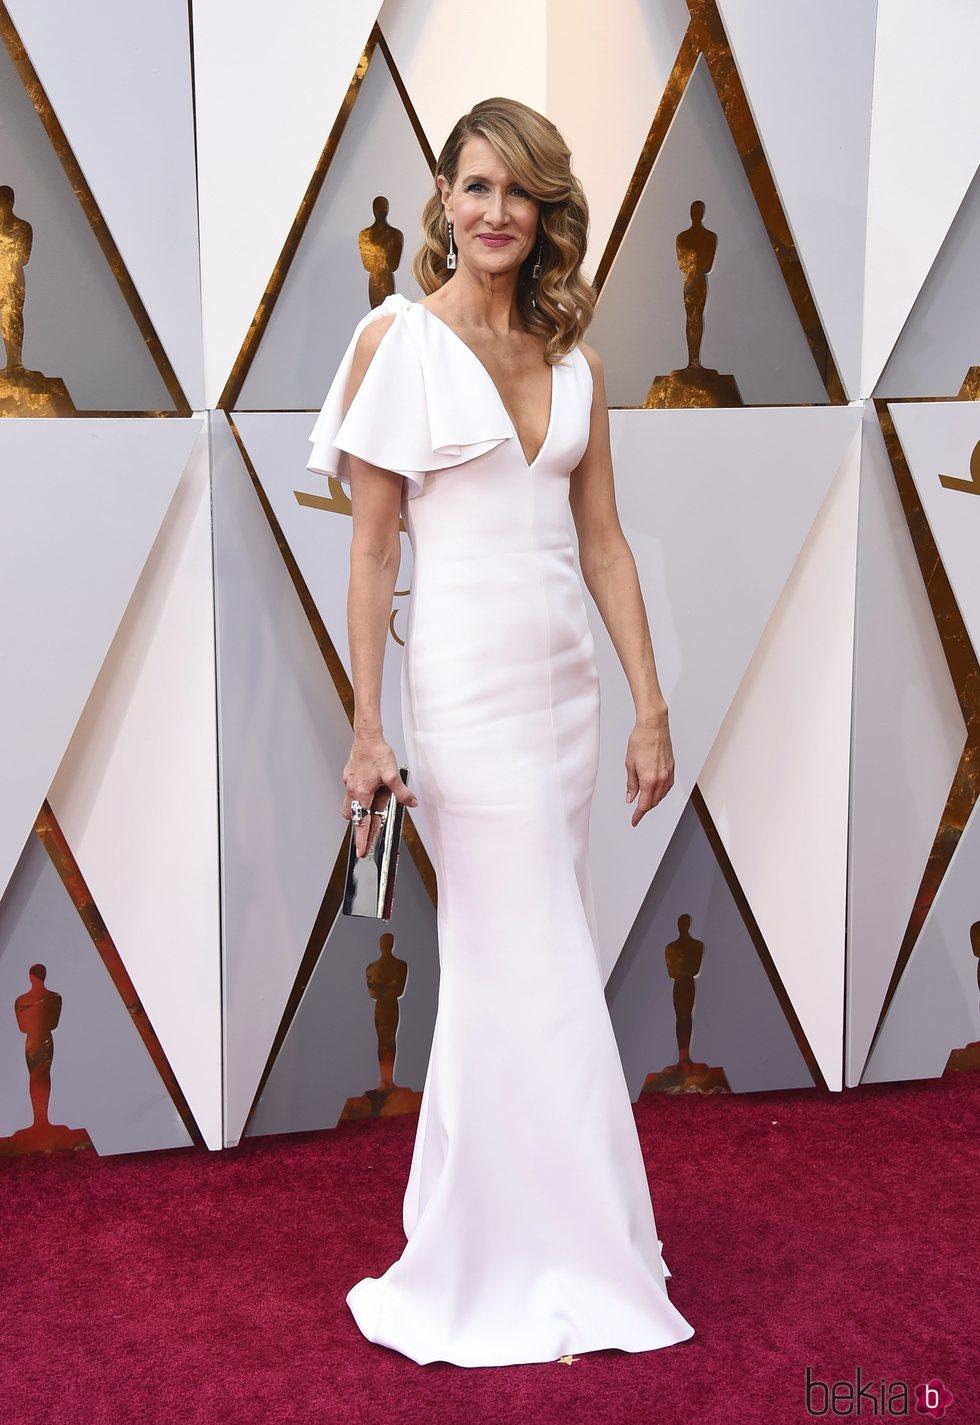 Laura Dern en la alfombra roja de los premios Oscar 2018